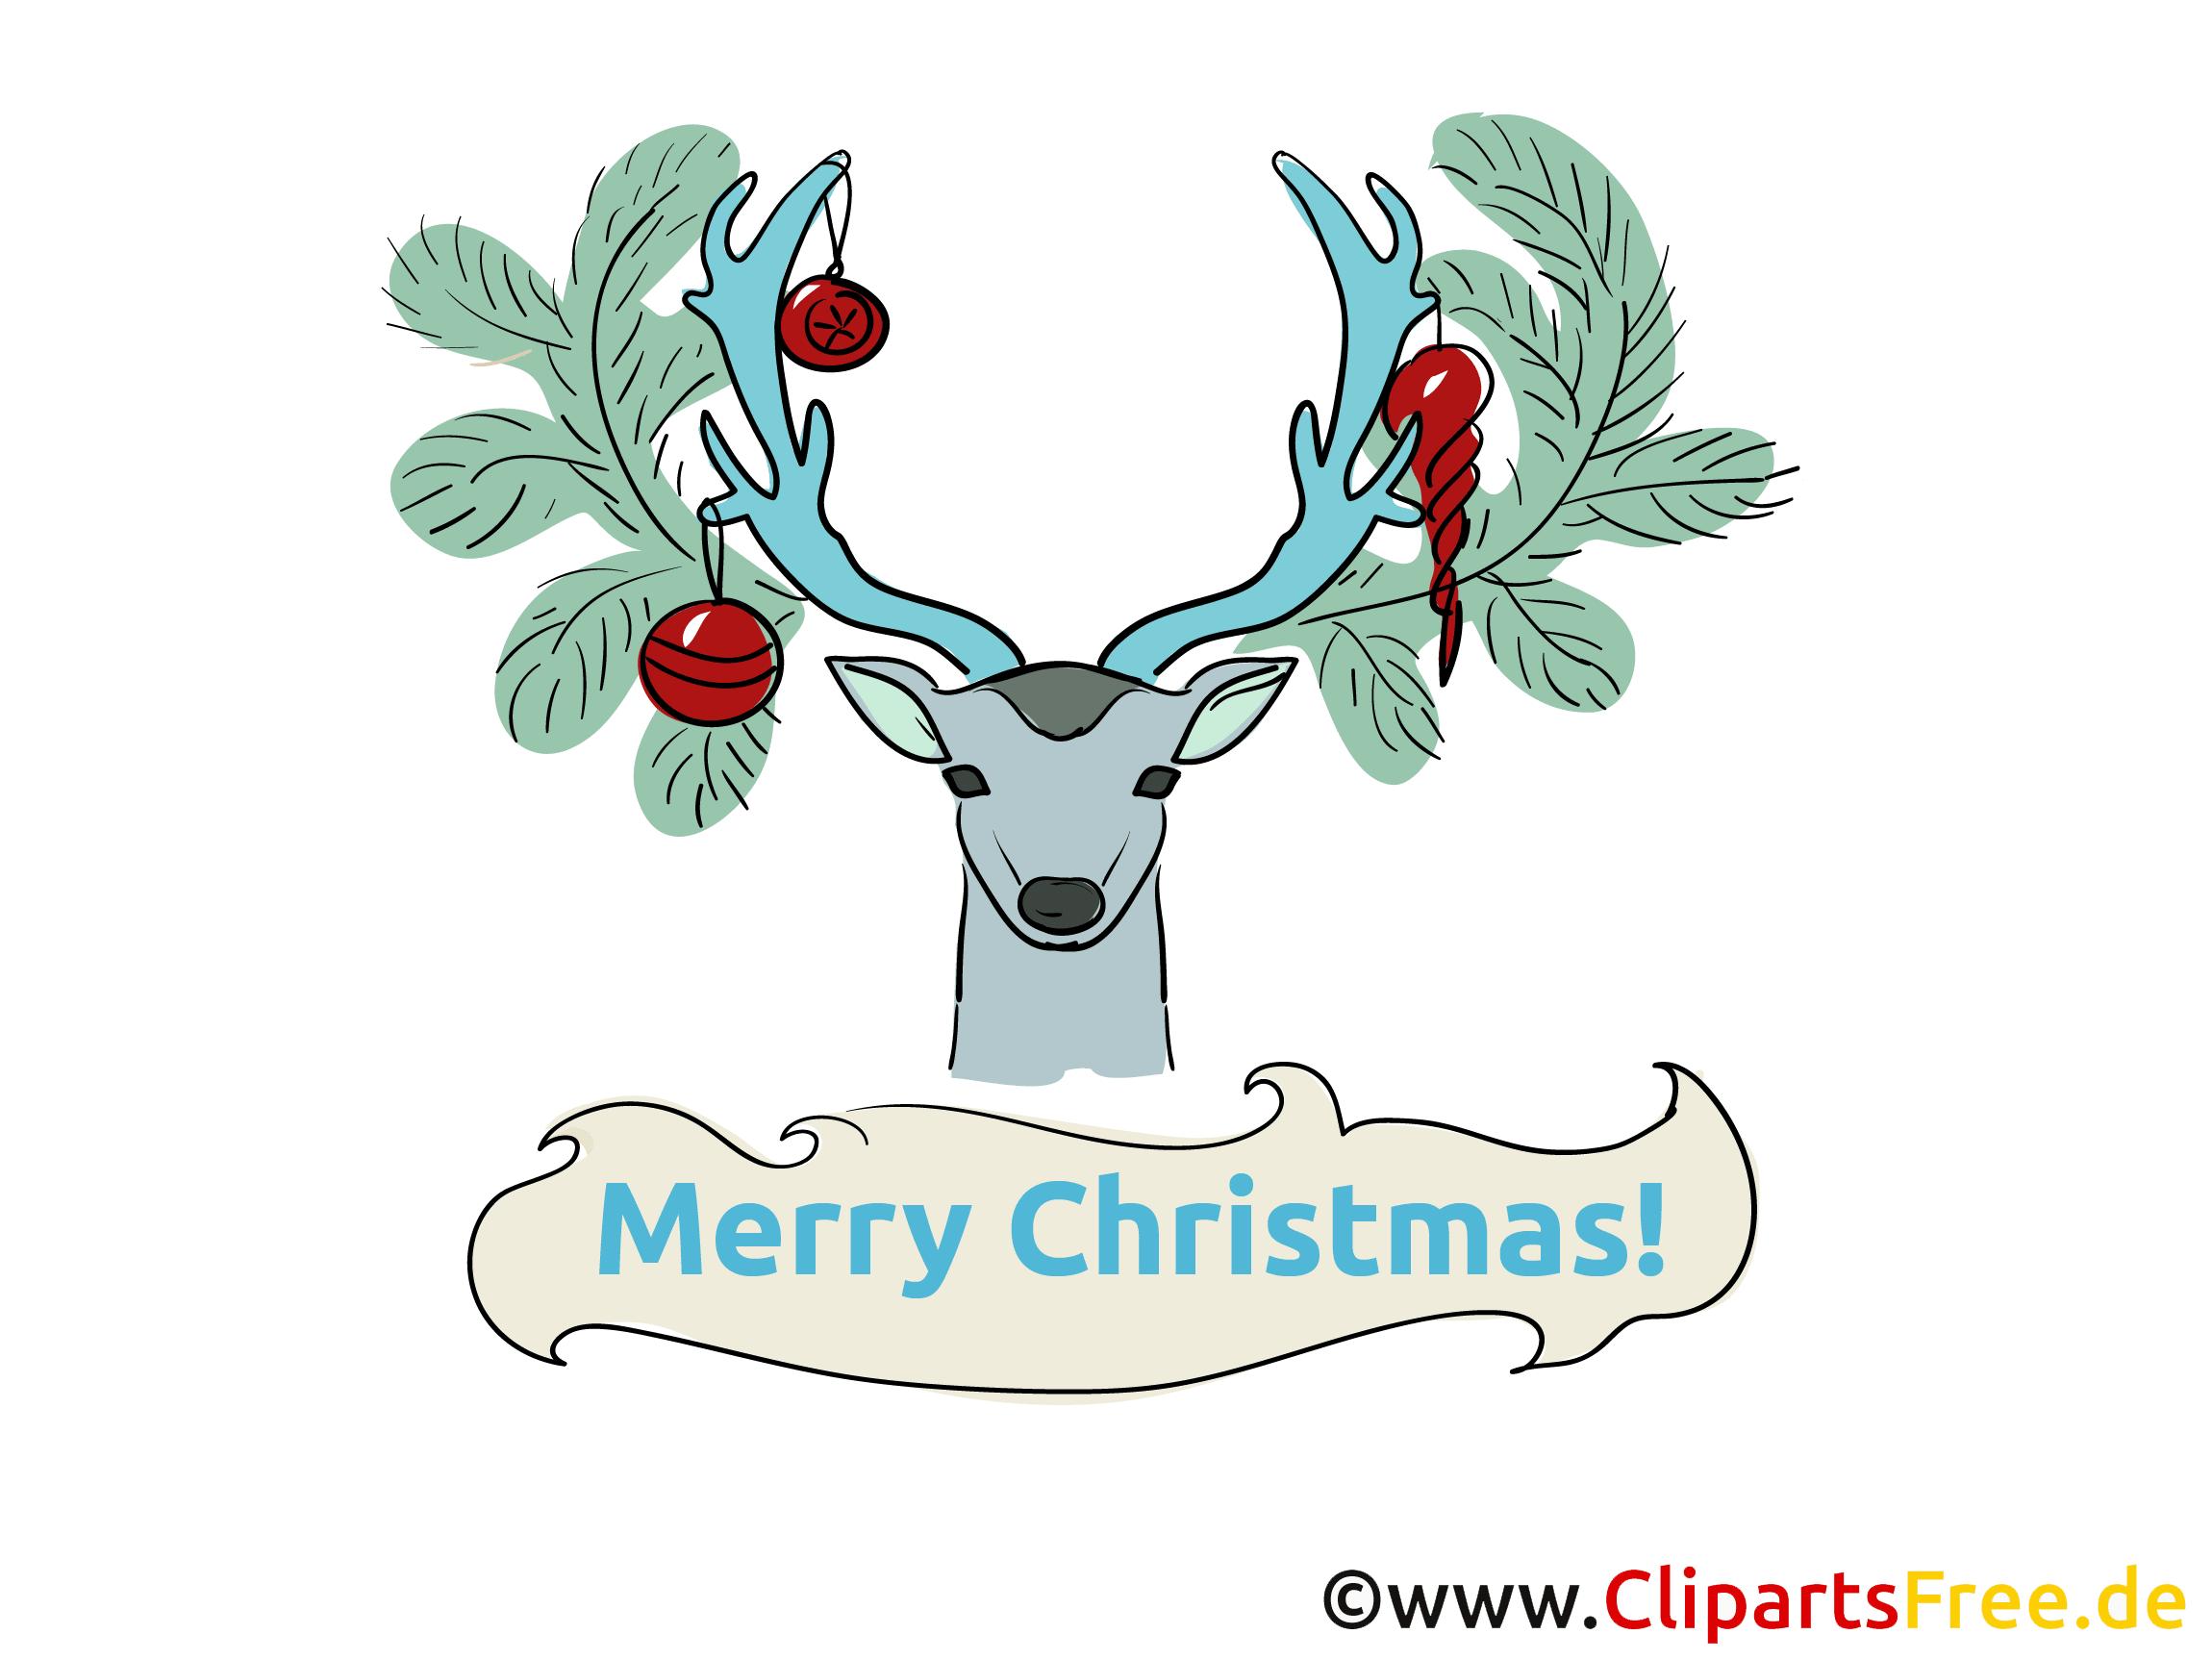 ecards zu weihnachten kostenlos online versenden  merry